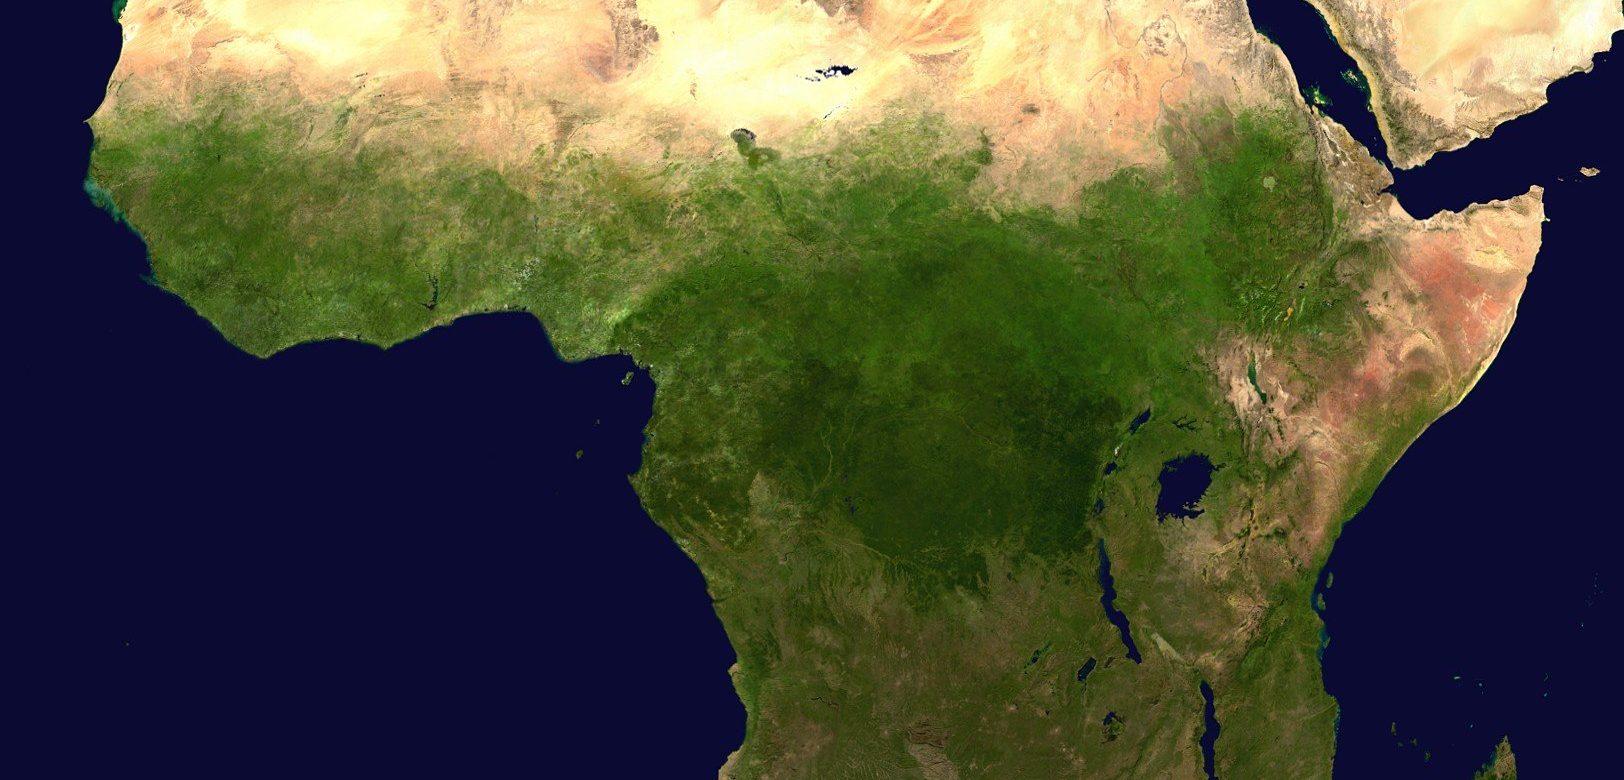 L'Afrique, un continent rassemblant la moitié des pays les plus dynamiques du monde